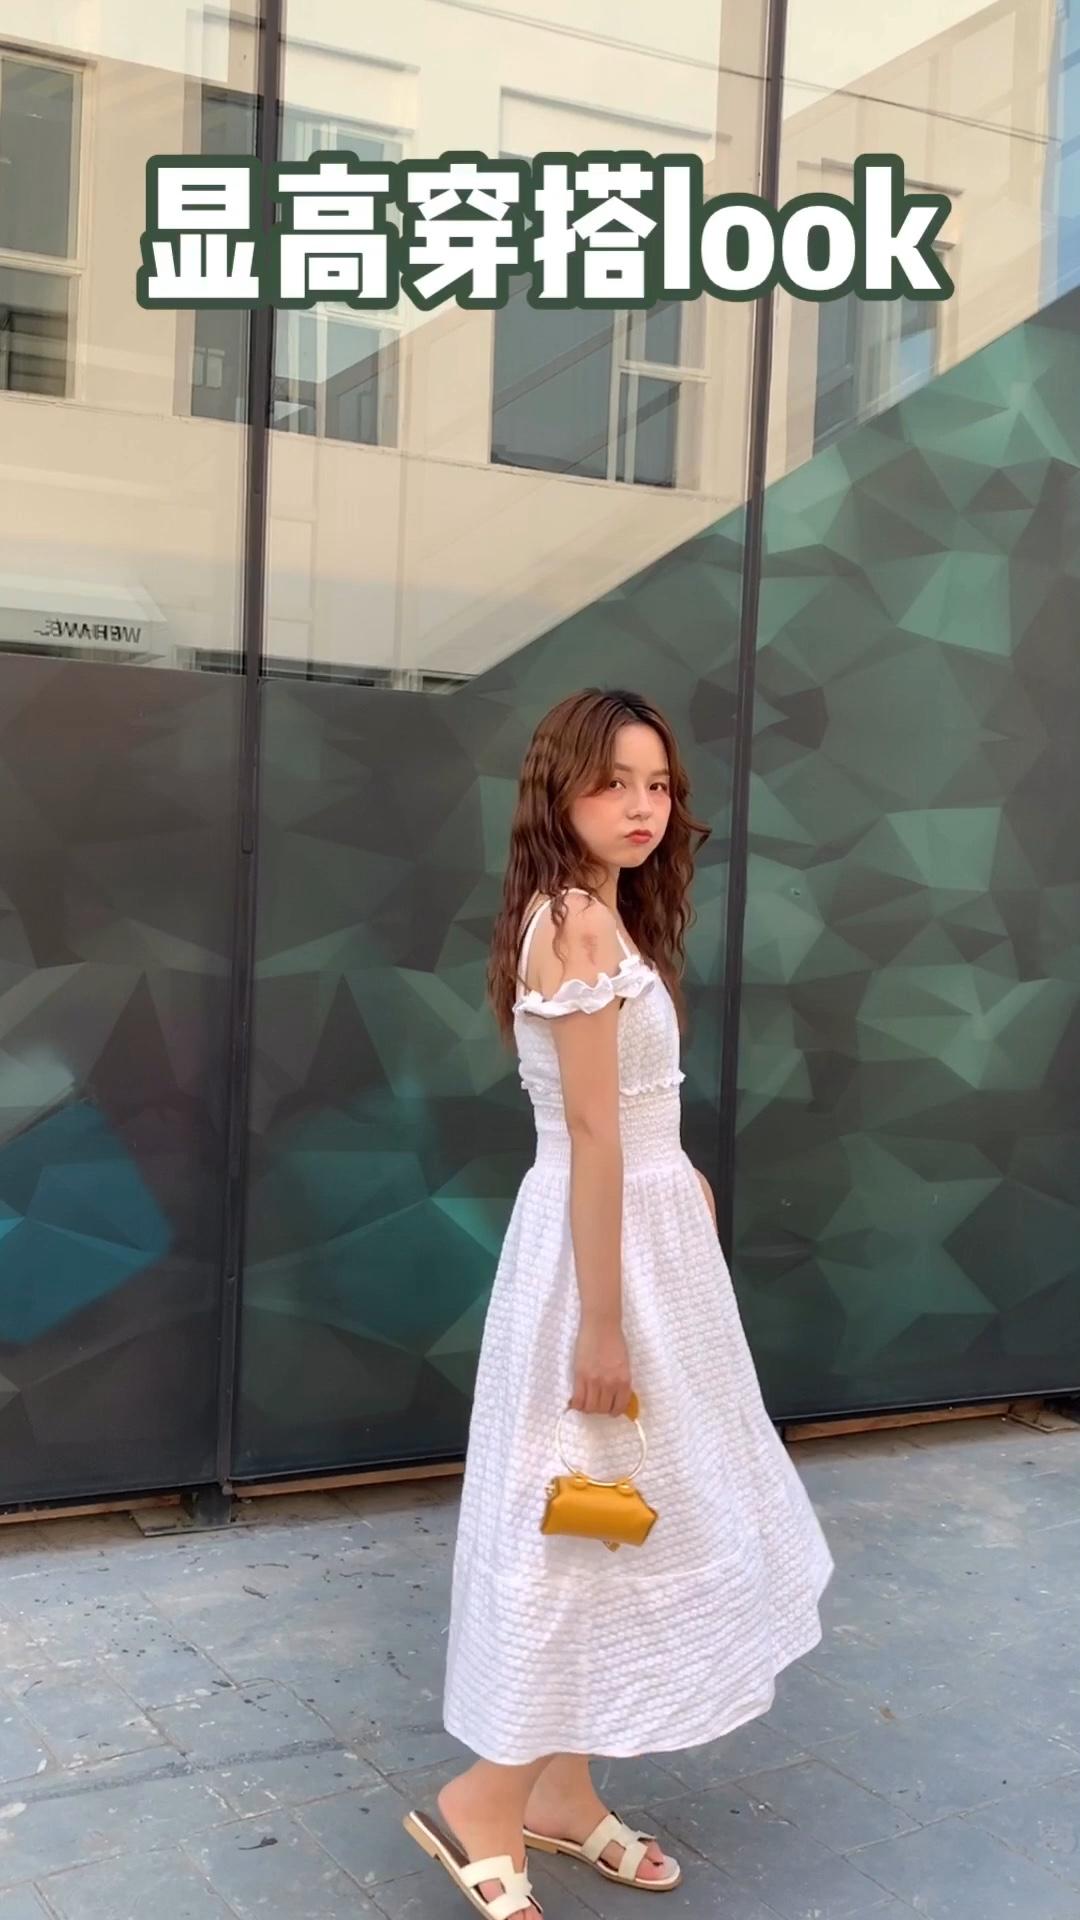 #越穿越瘦,梨形mm福音#白色连衣裙 这款真的是出门逛街和旅游都是不可或缺的 有点喜欢💕 少女心的必备穿搭哦~ 喜欢就快点下手